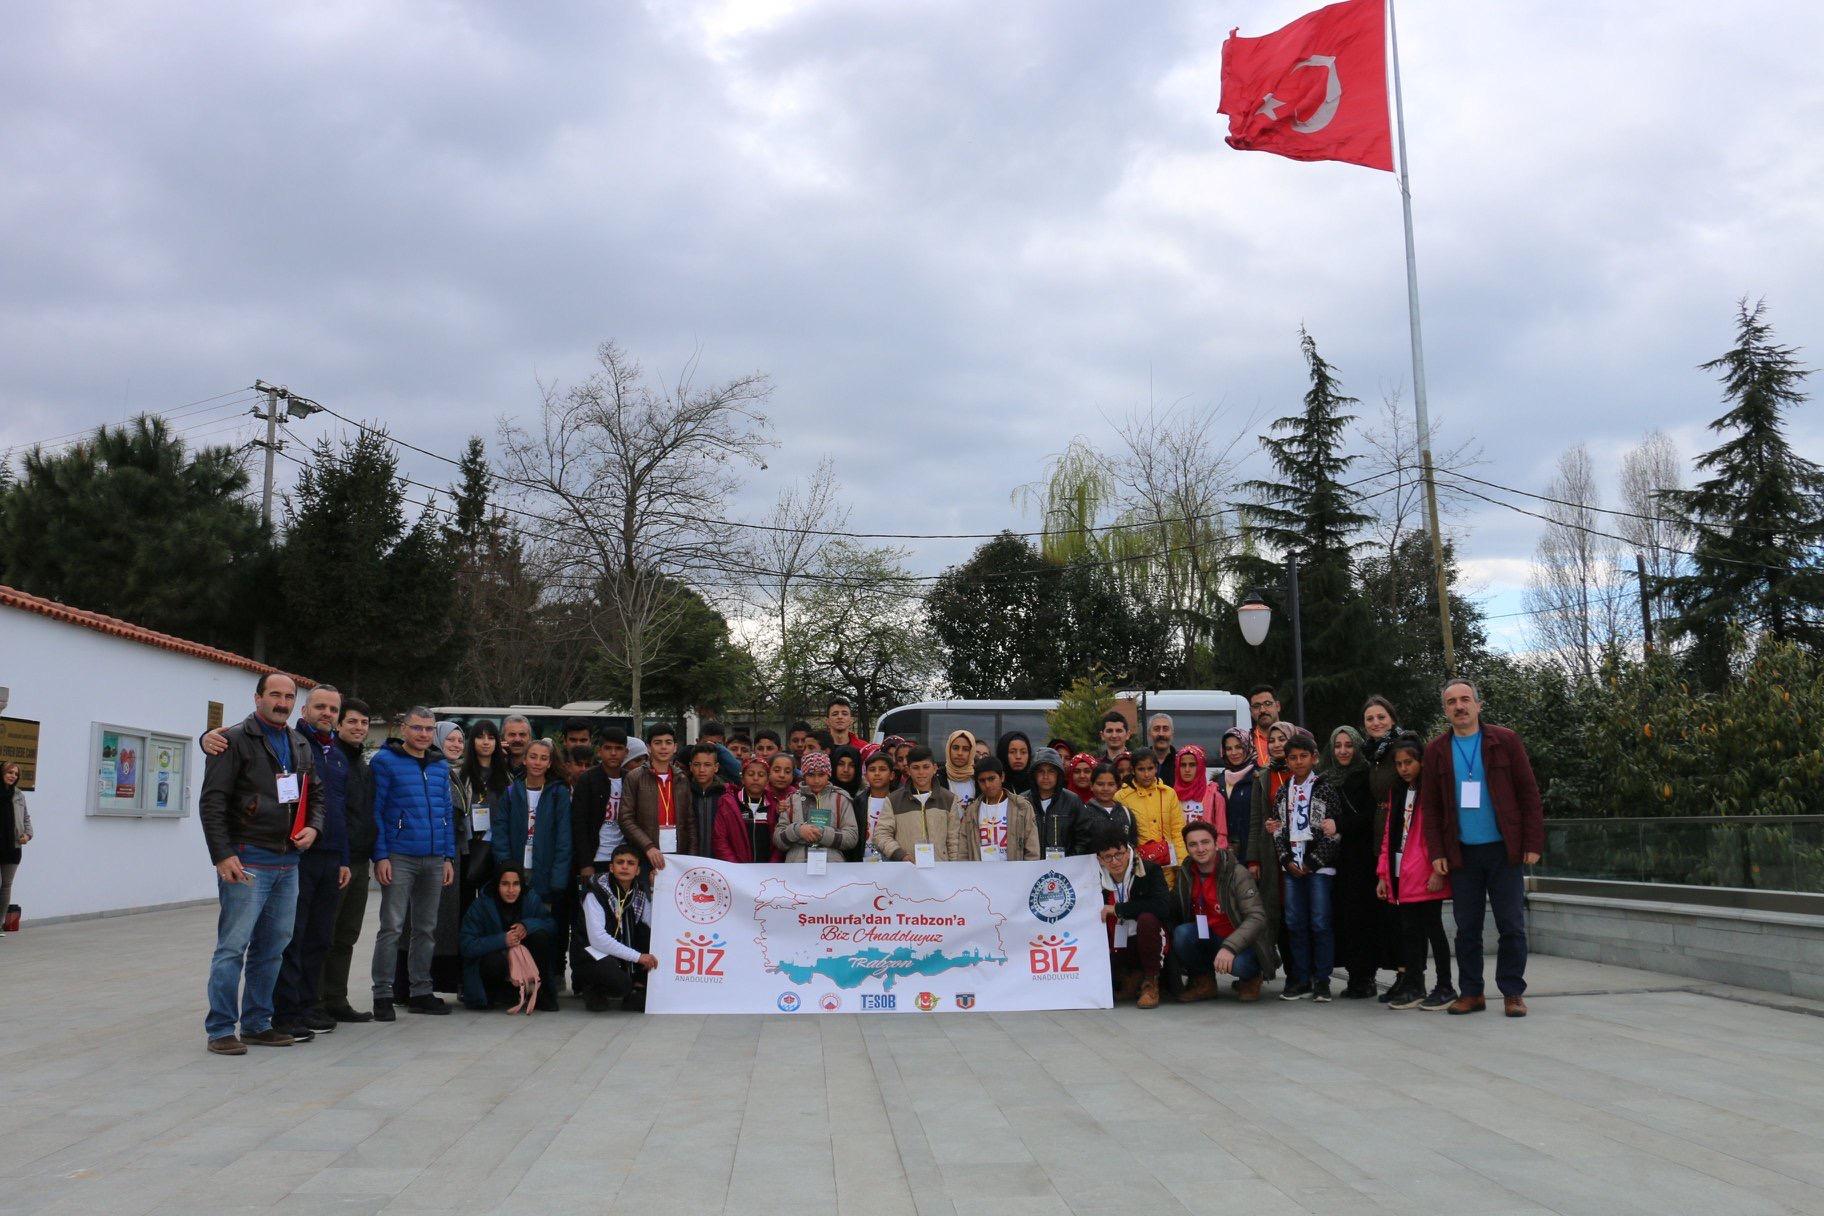 Urfa'dan Trabzon'a yeni gönül köprüleri kuruldu